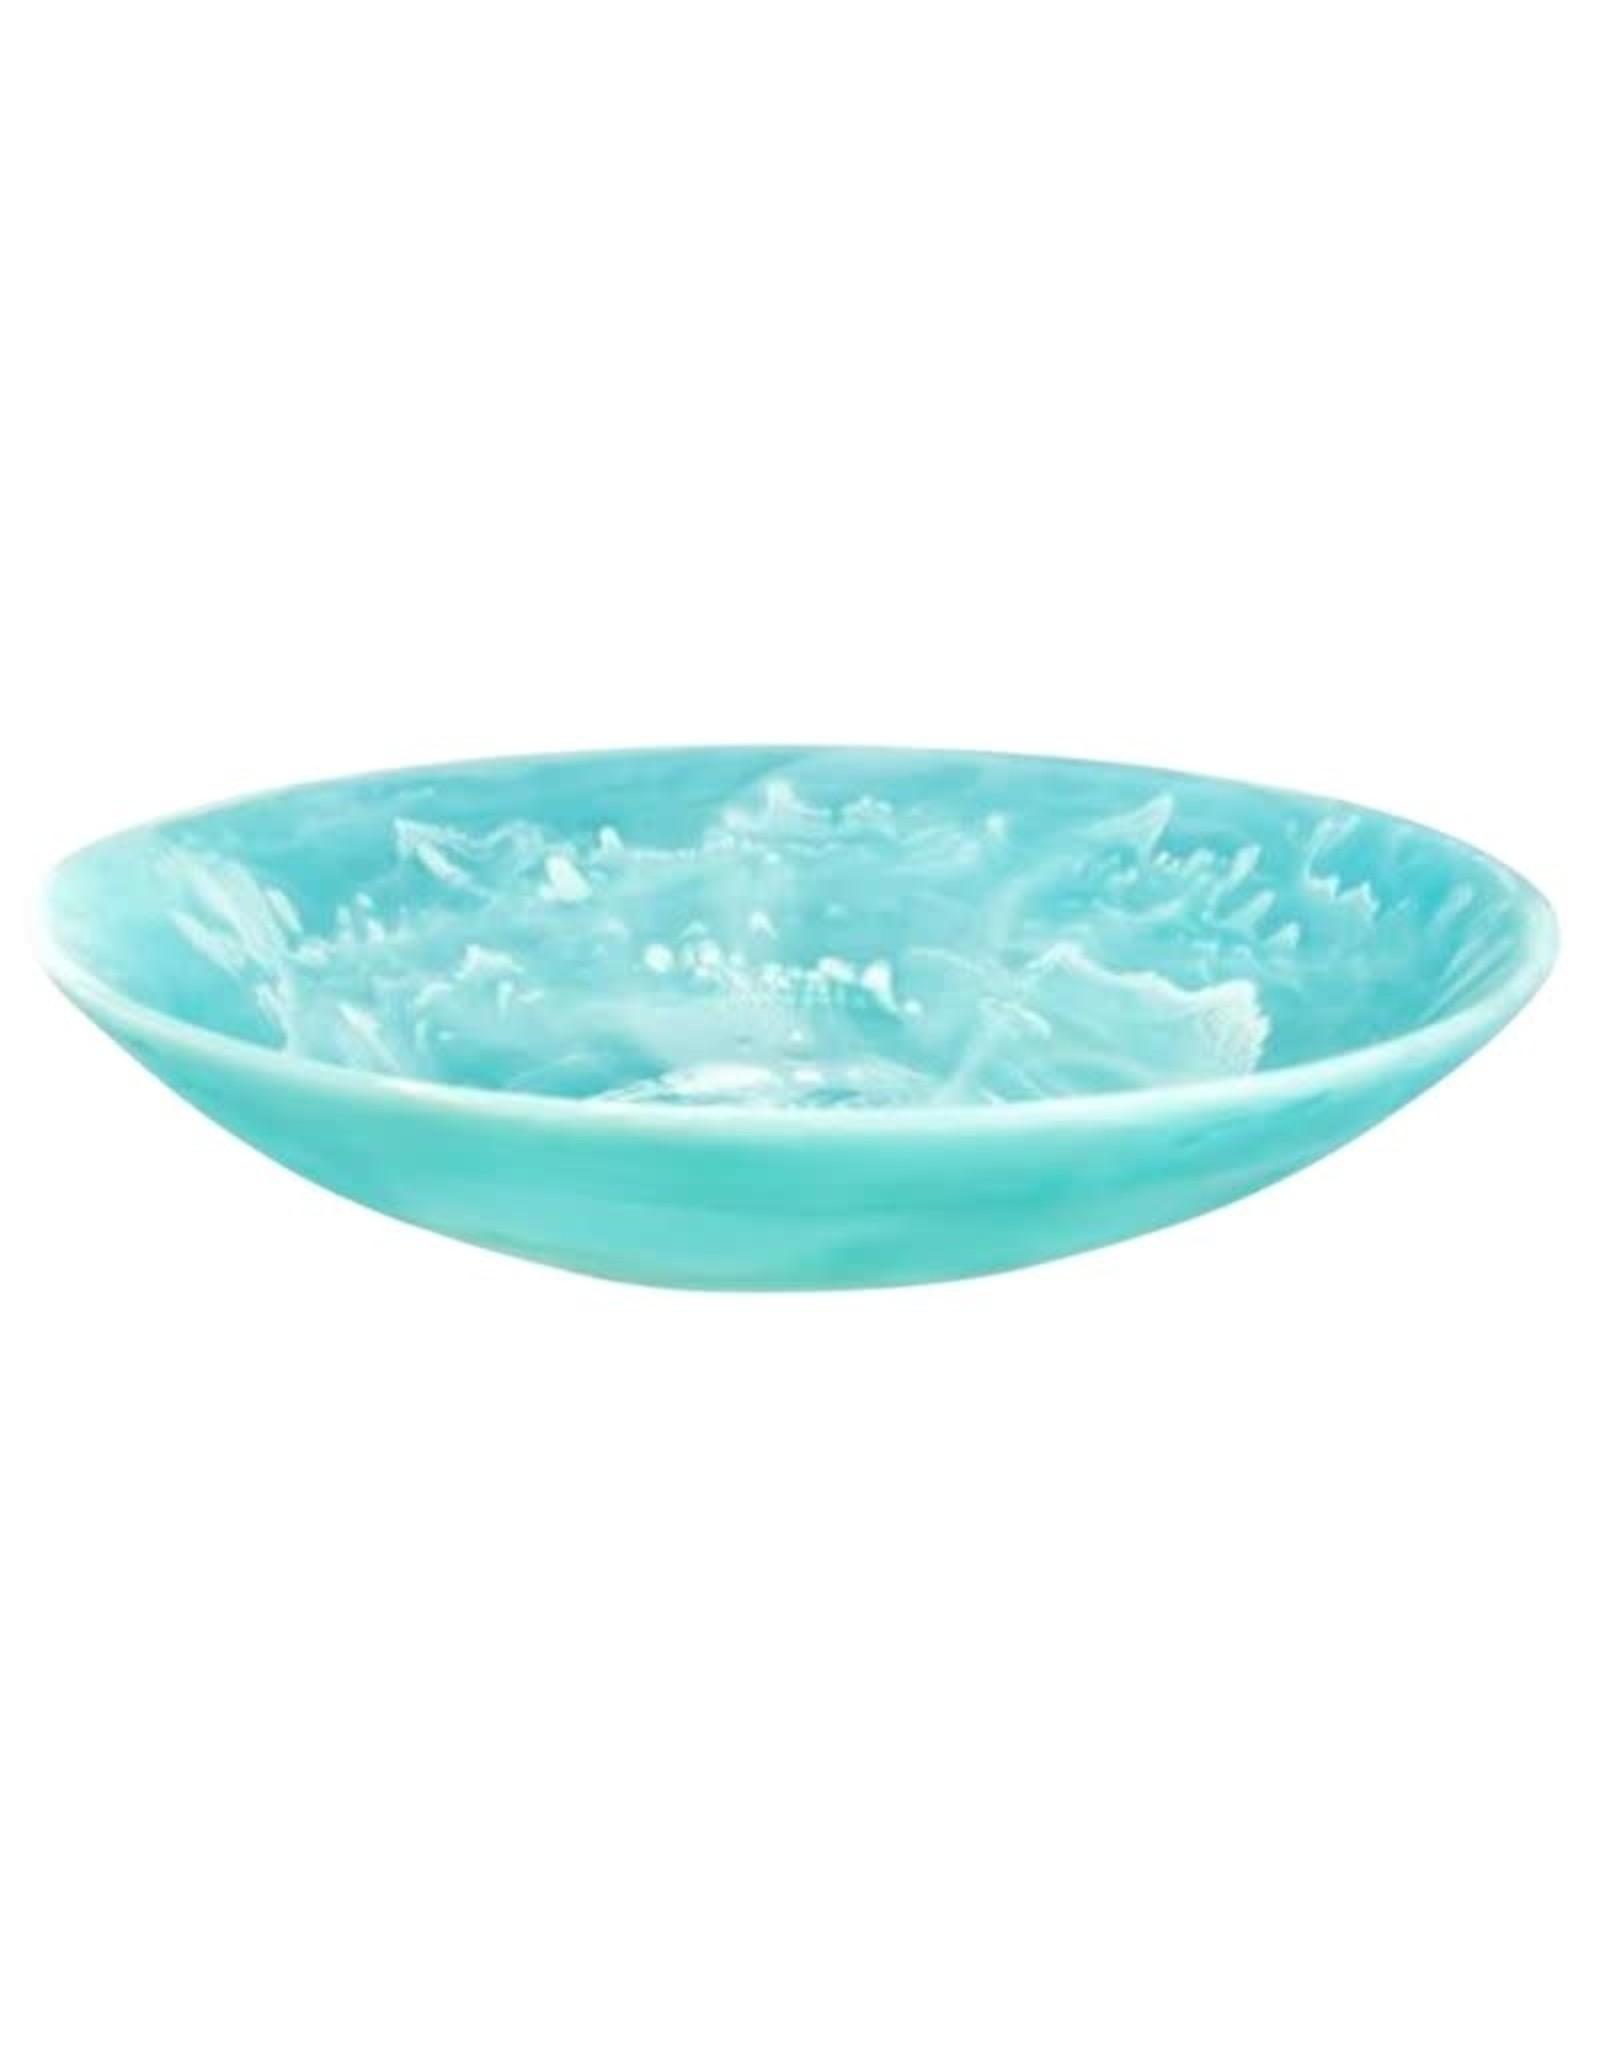 Nashi Home Everyday Large Bowl -  Aqua Swirl